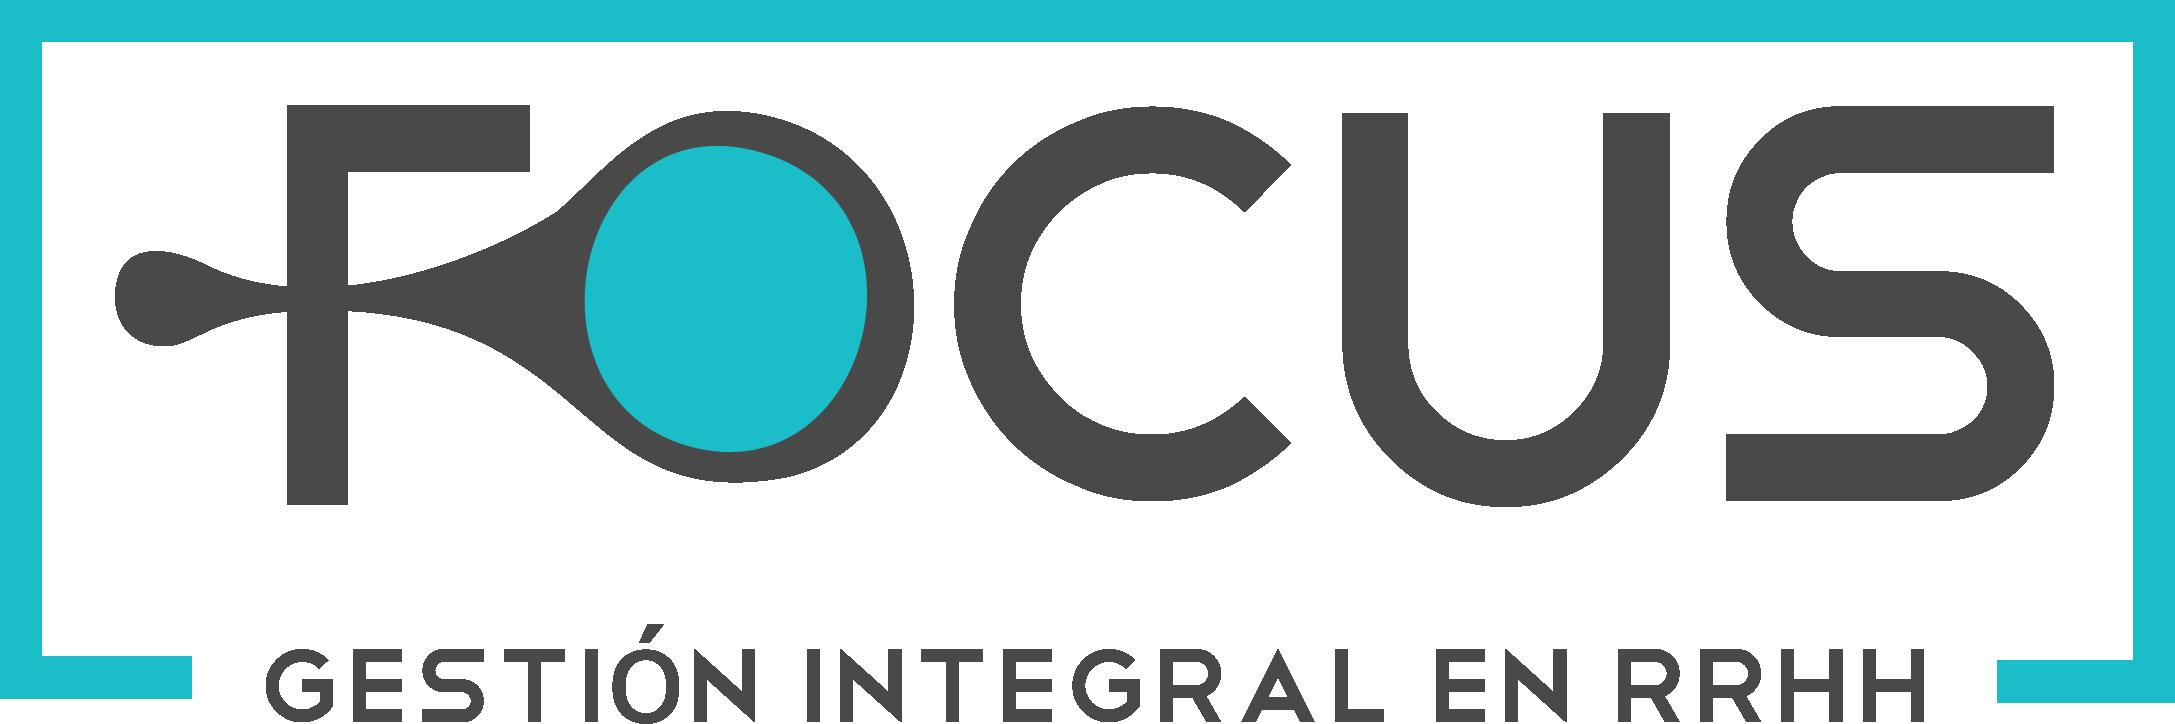 Focus - Gestión Integral de Rrhh